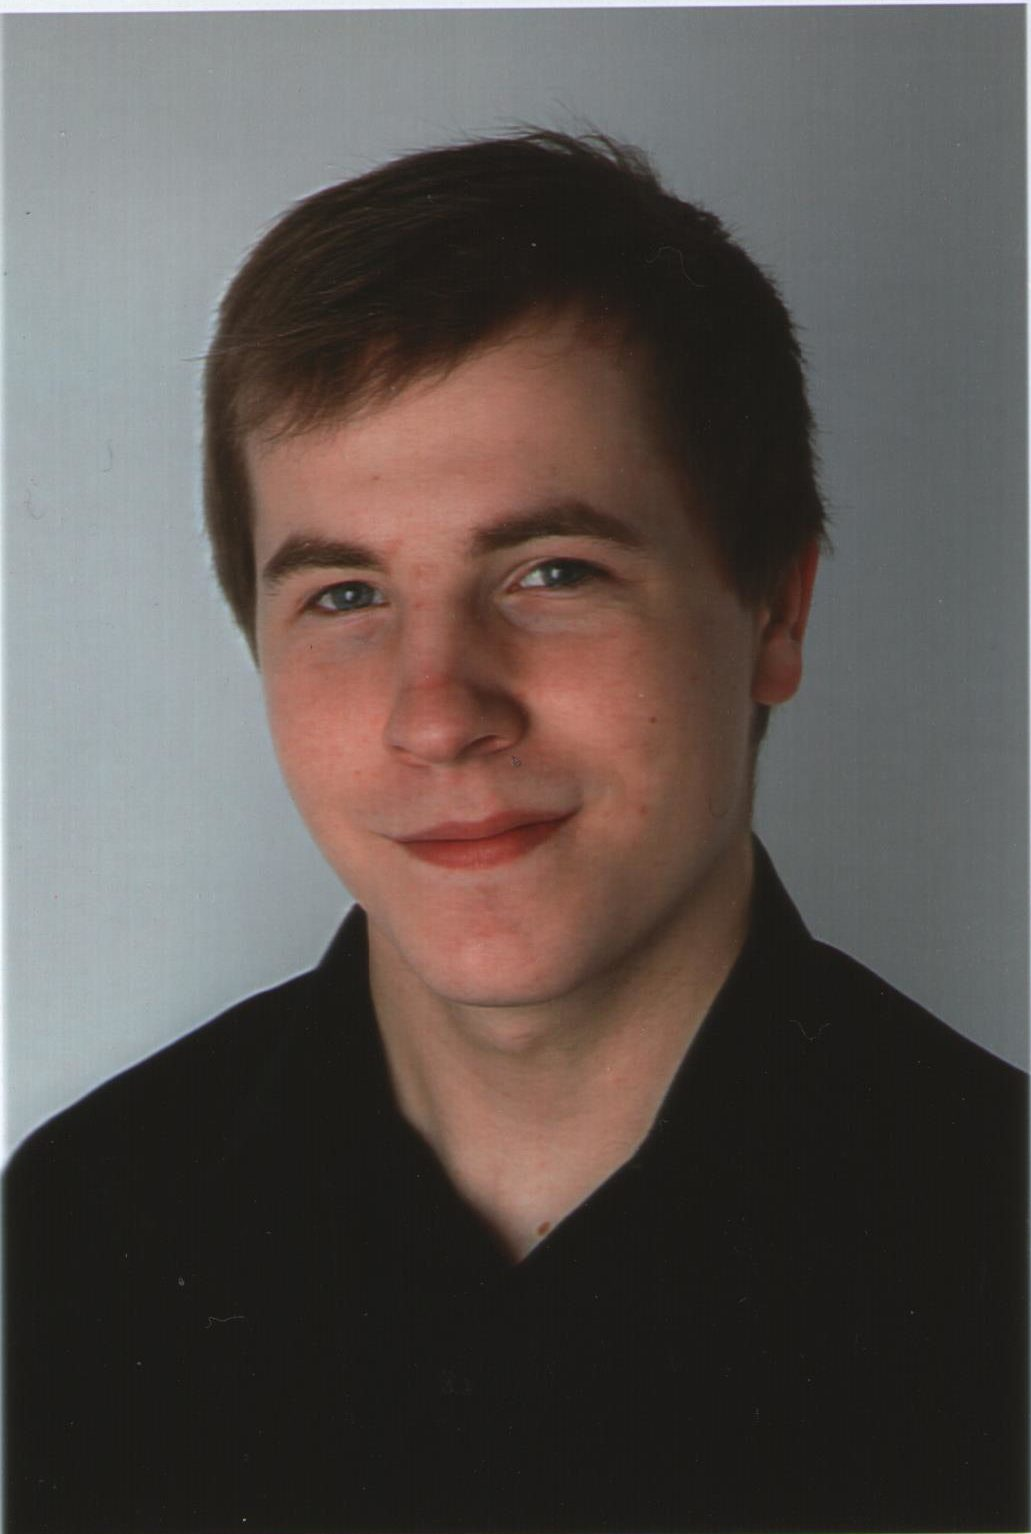 Portraitaufnahme eines Mannes in einem schwarze Hemd.